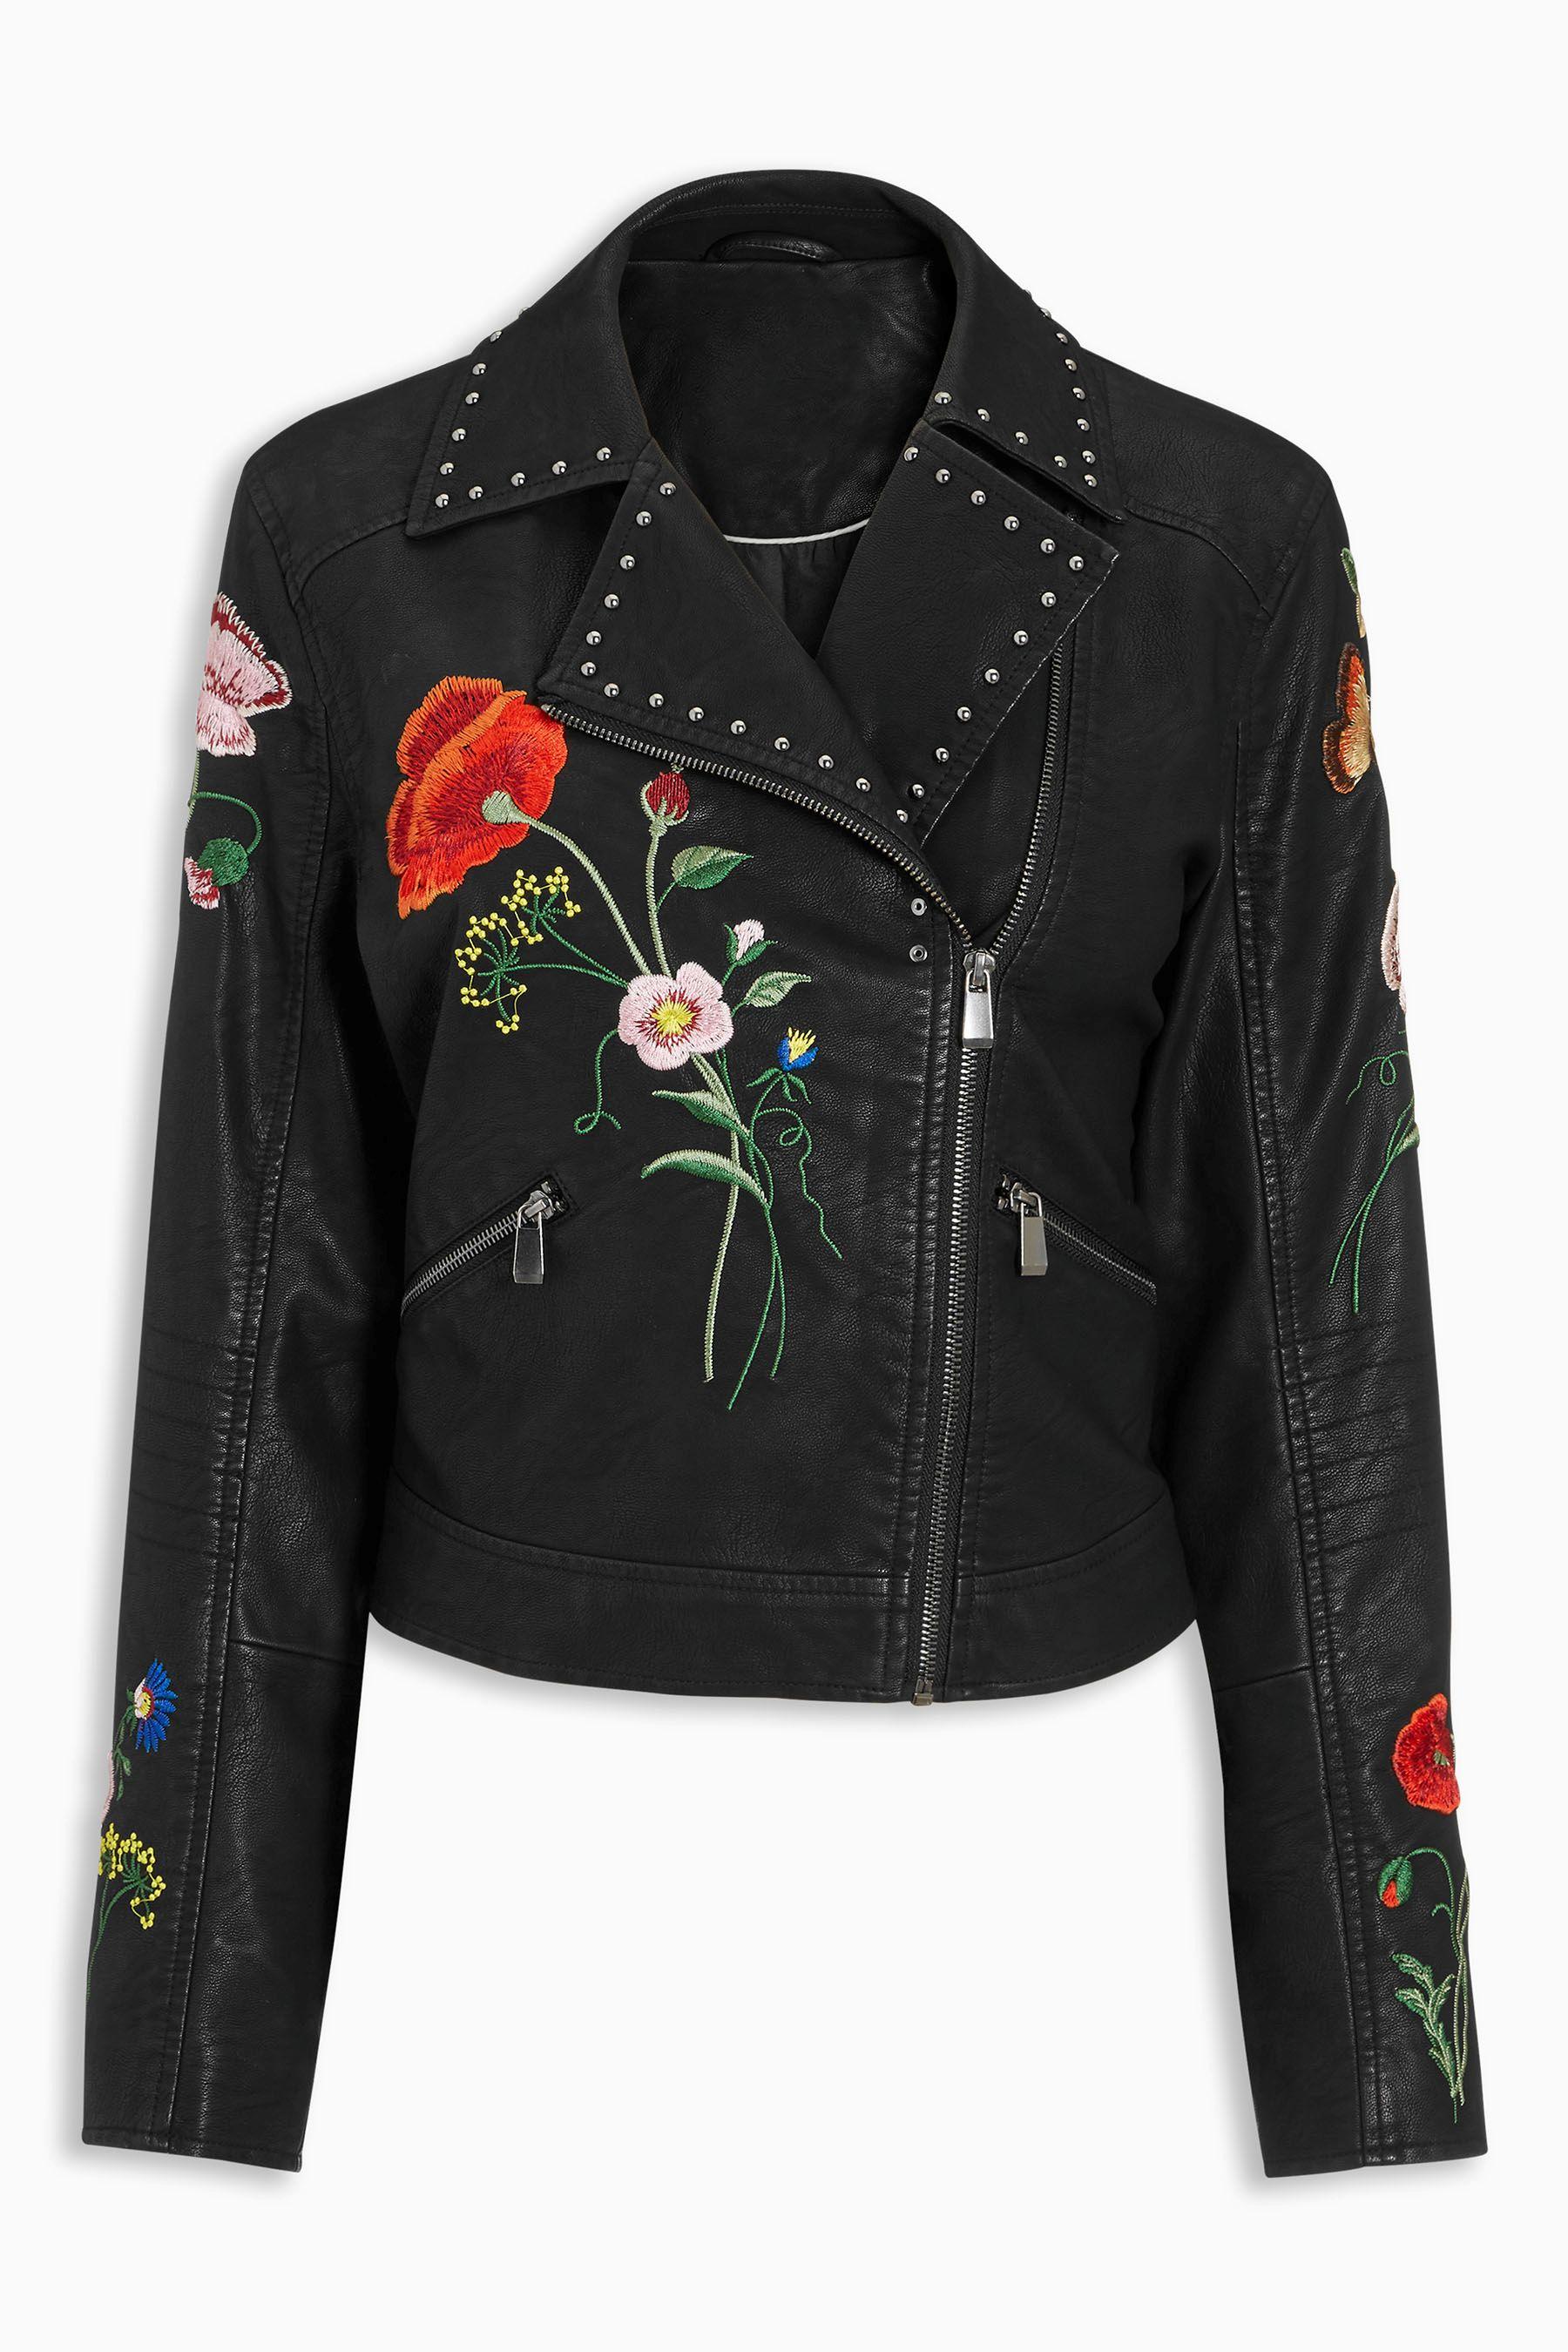 Вышивка на куртках в Москве, сделать вышивку бисером в Ателье 50